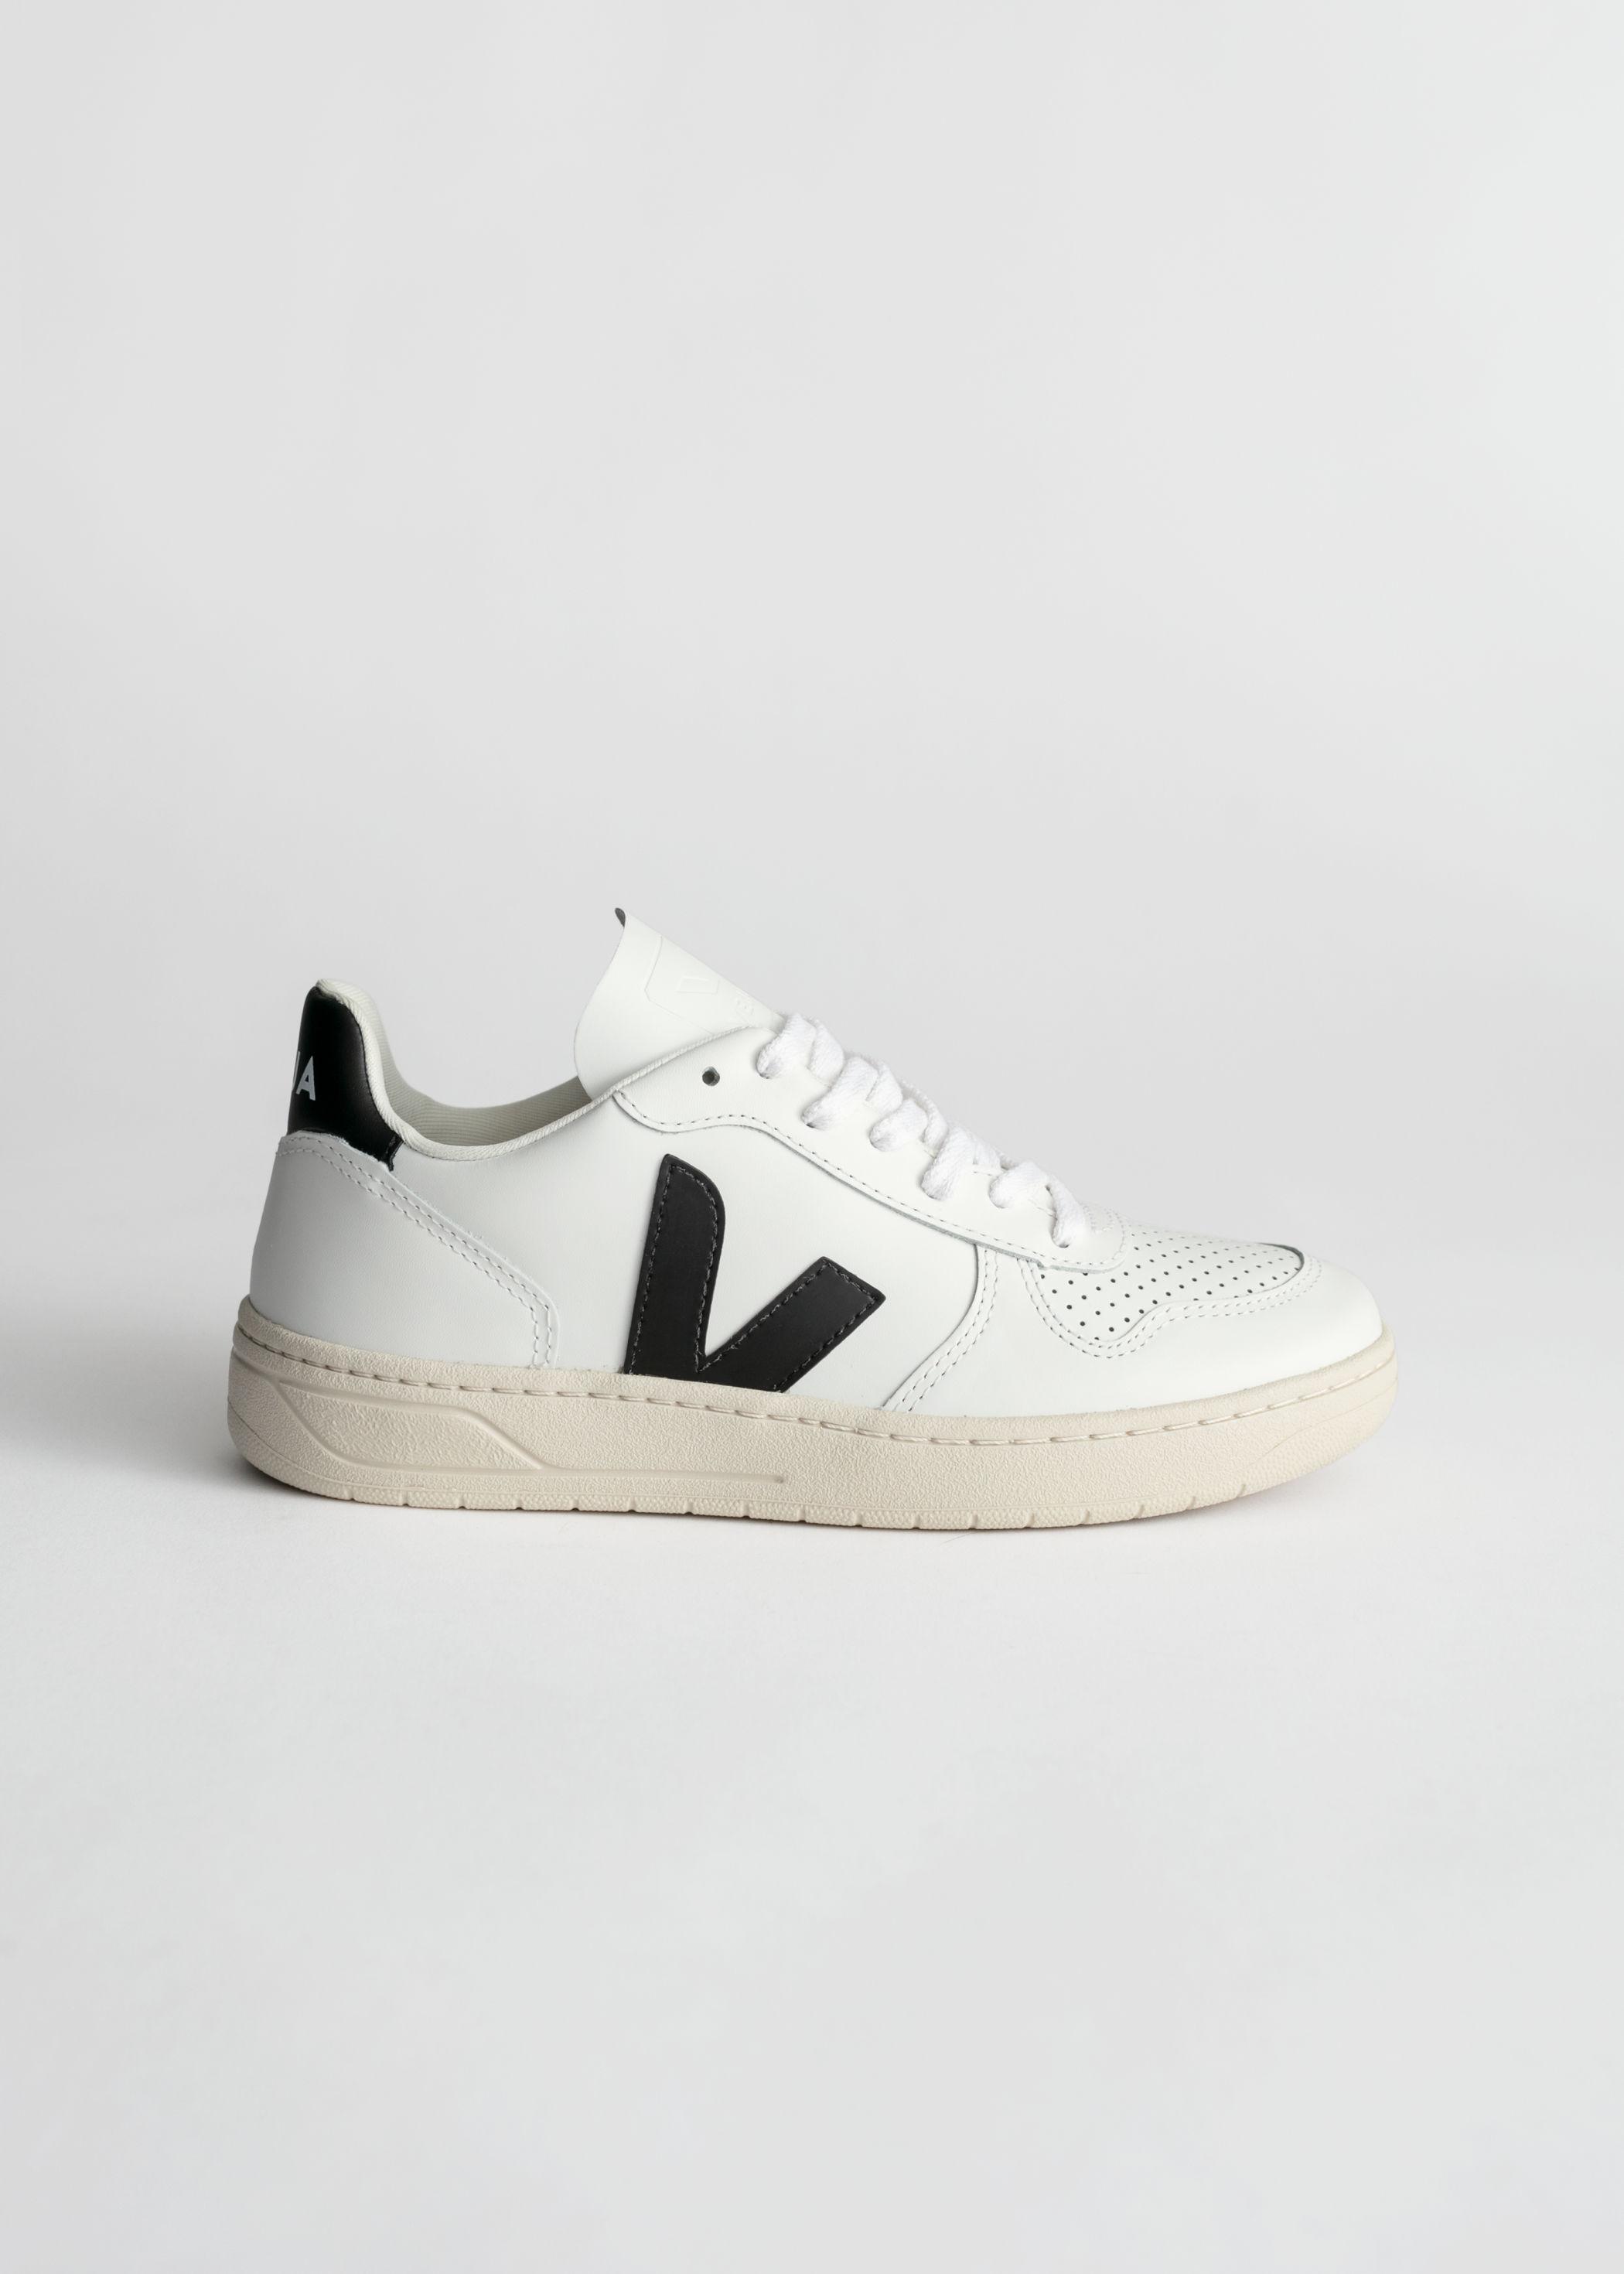 Sneakers høst 2019 - 2